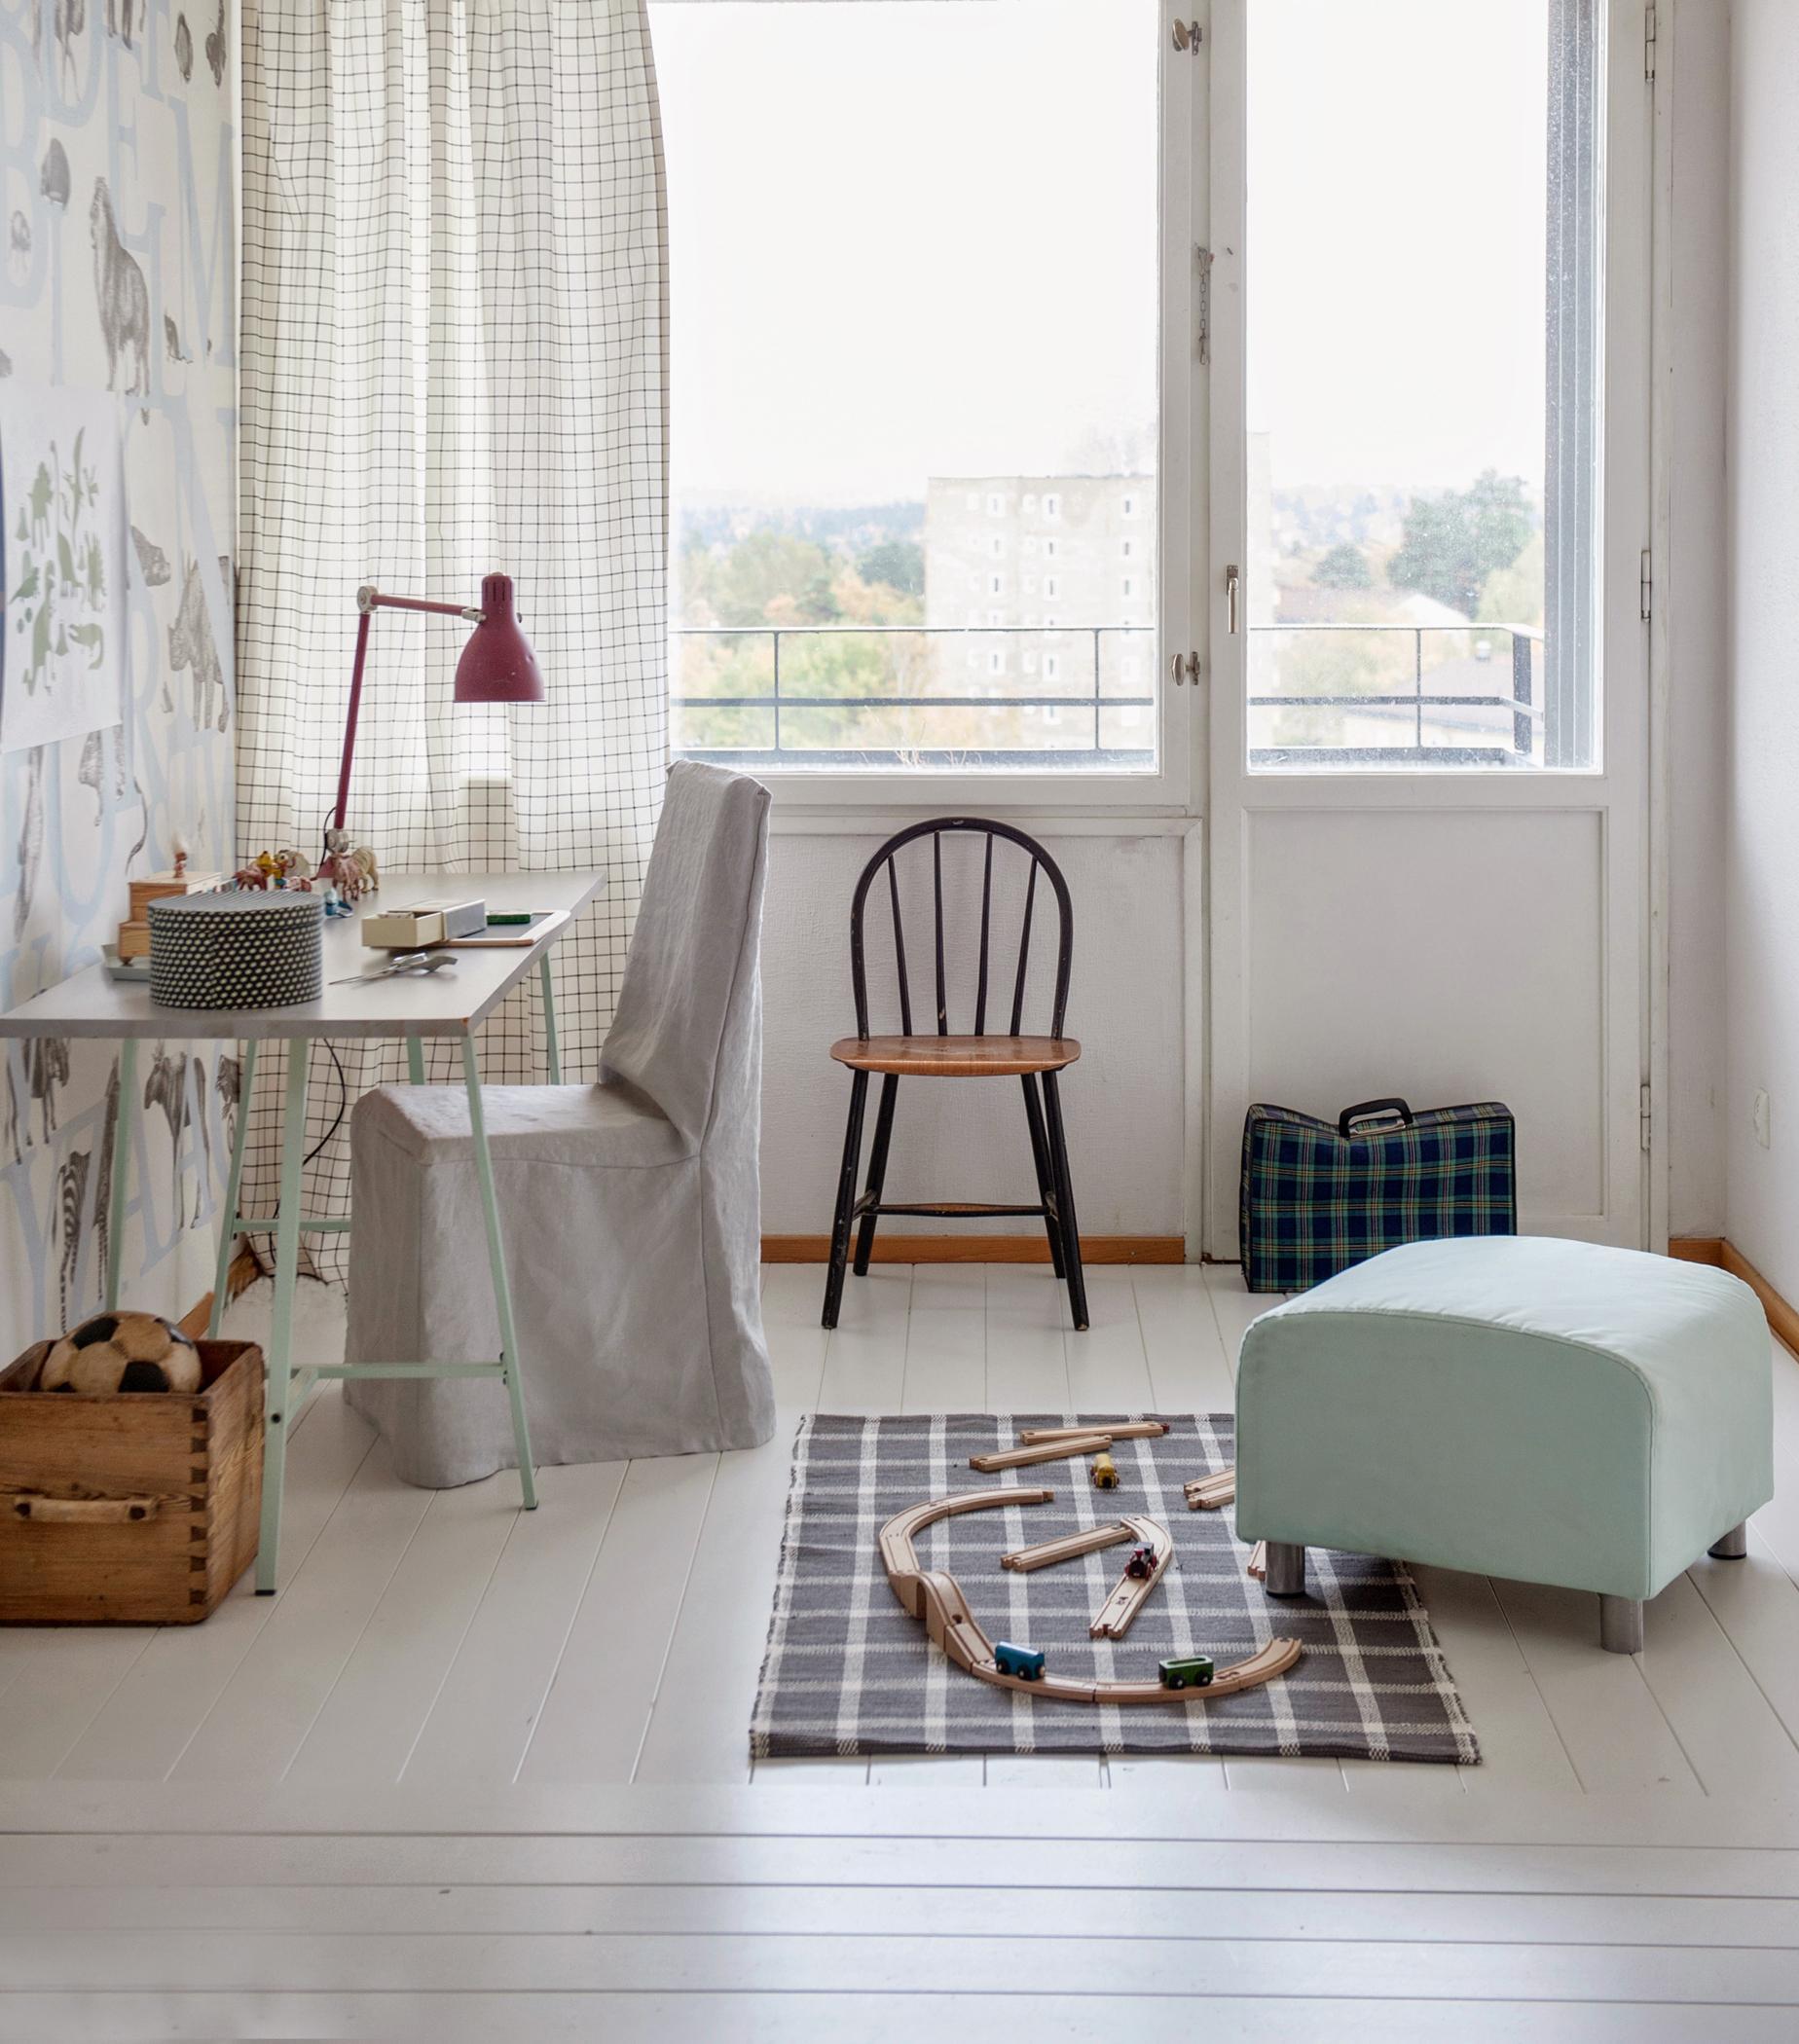 Holzkiste bilder ideen couchstyle for Holzkiste kinderzimmer